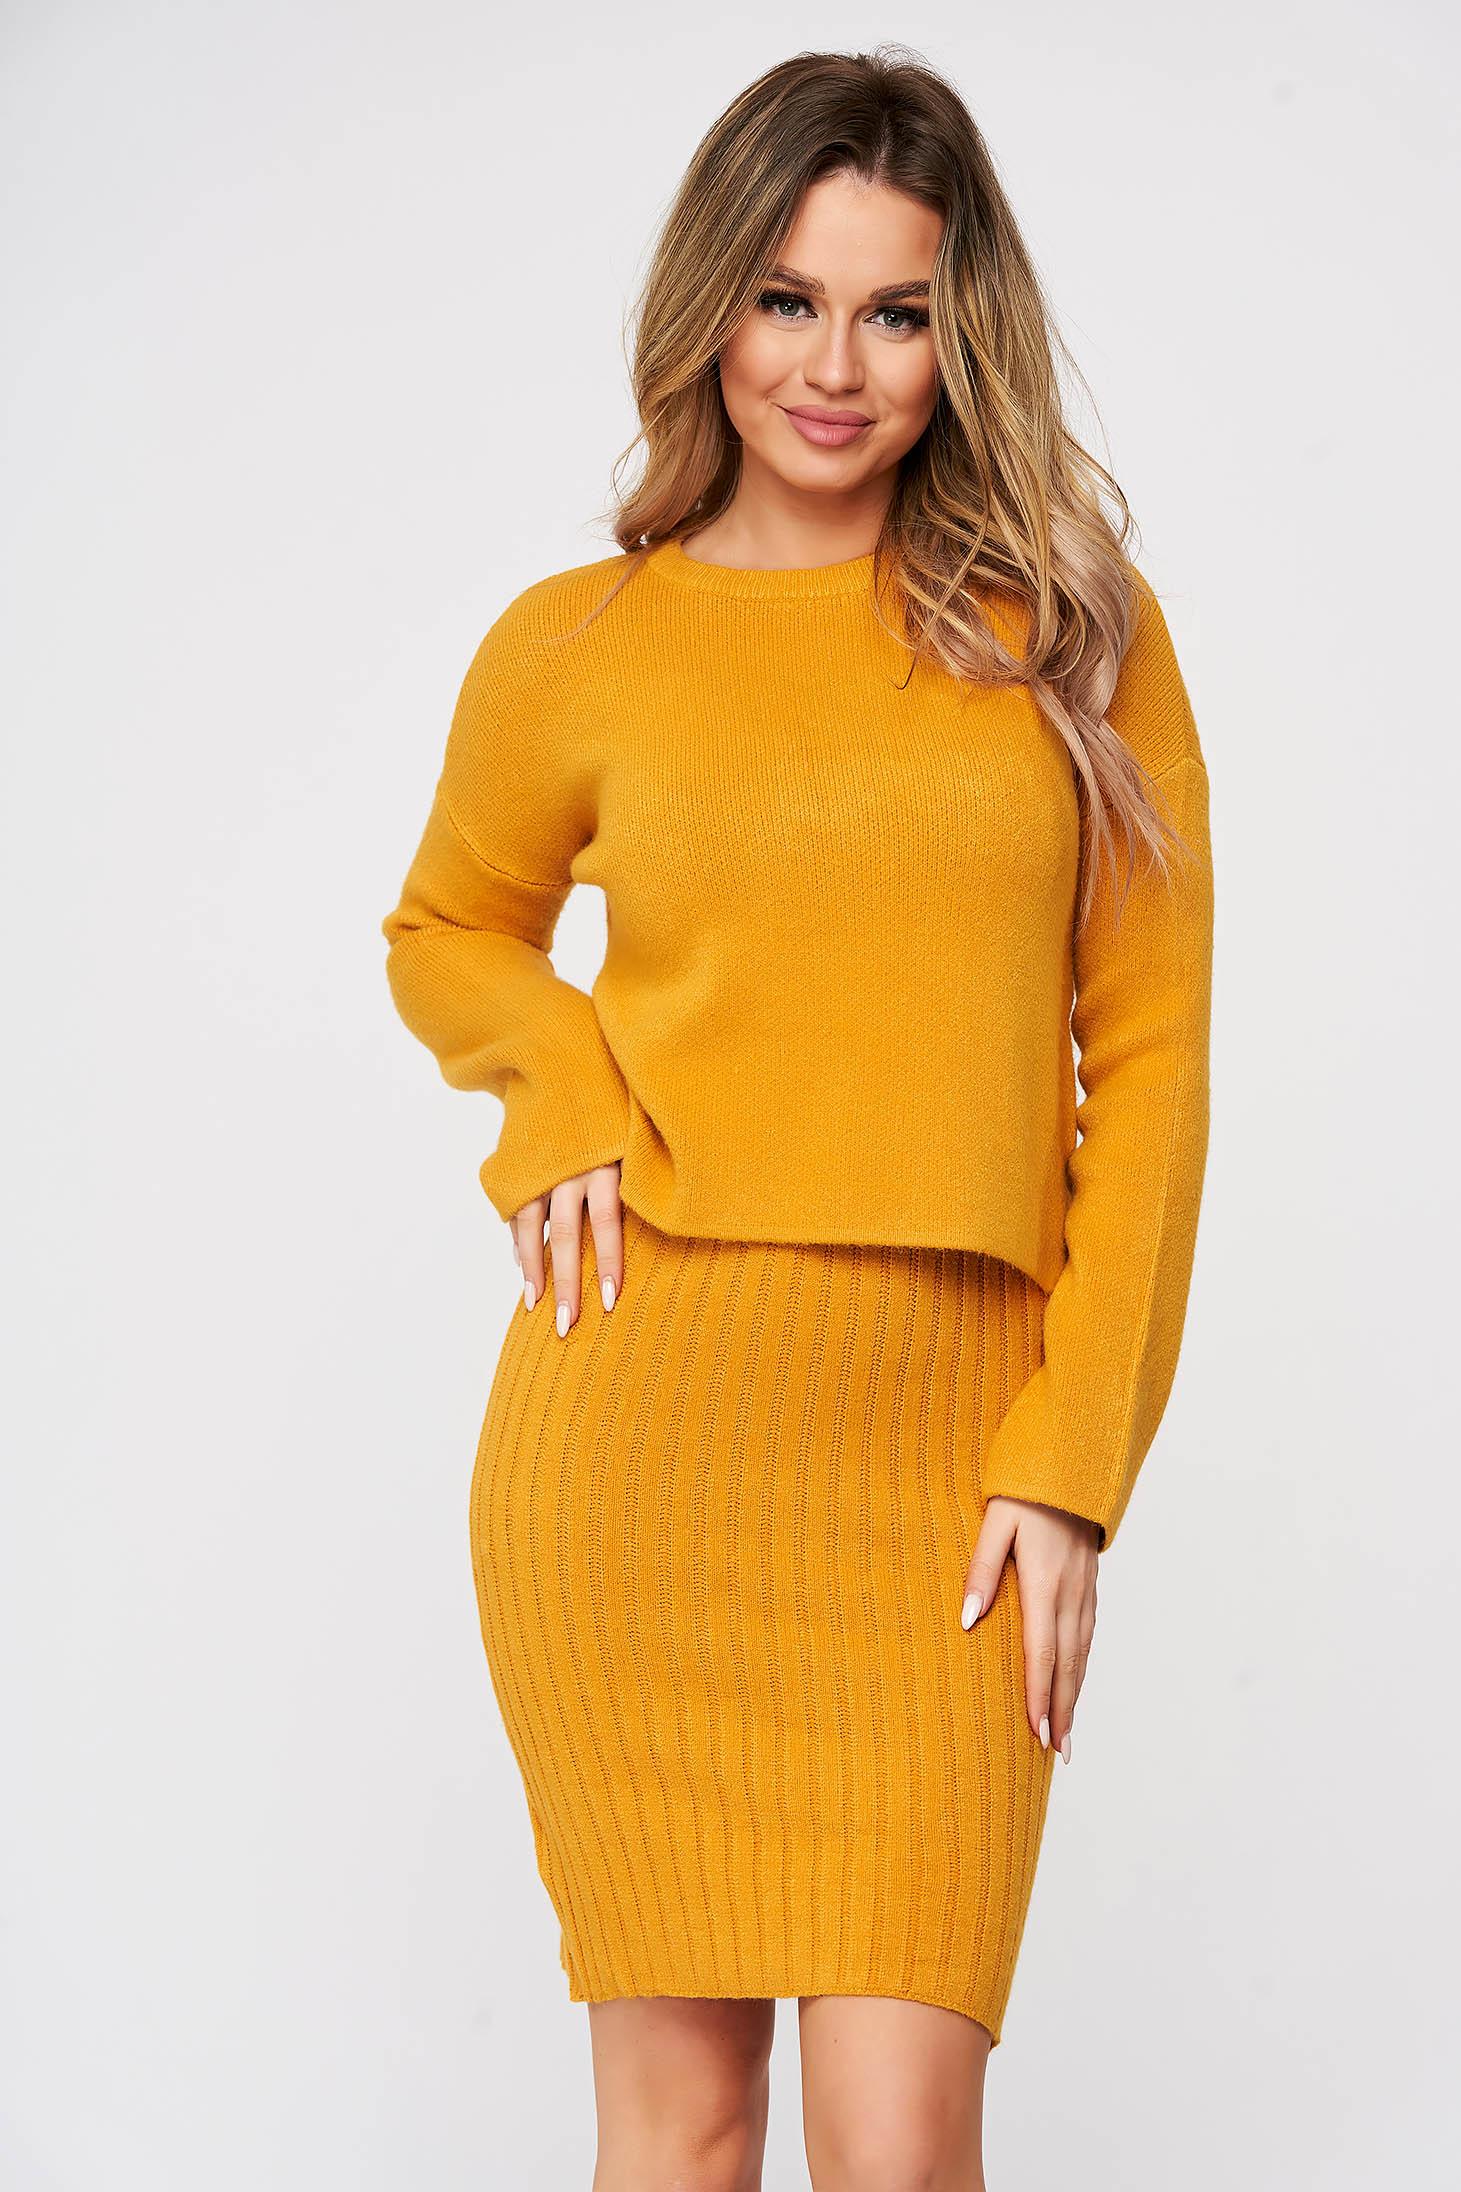 Compleu SunShine mustariu din doua piese cu rochie din material reiat elastic si fin